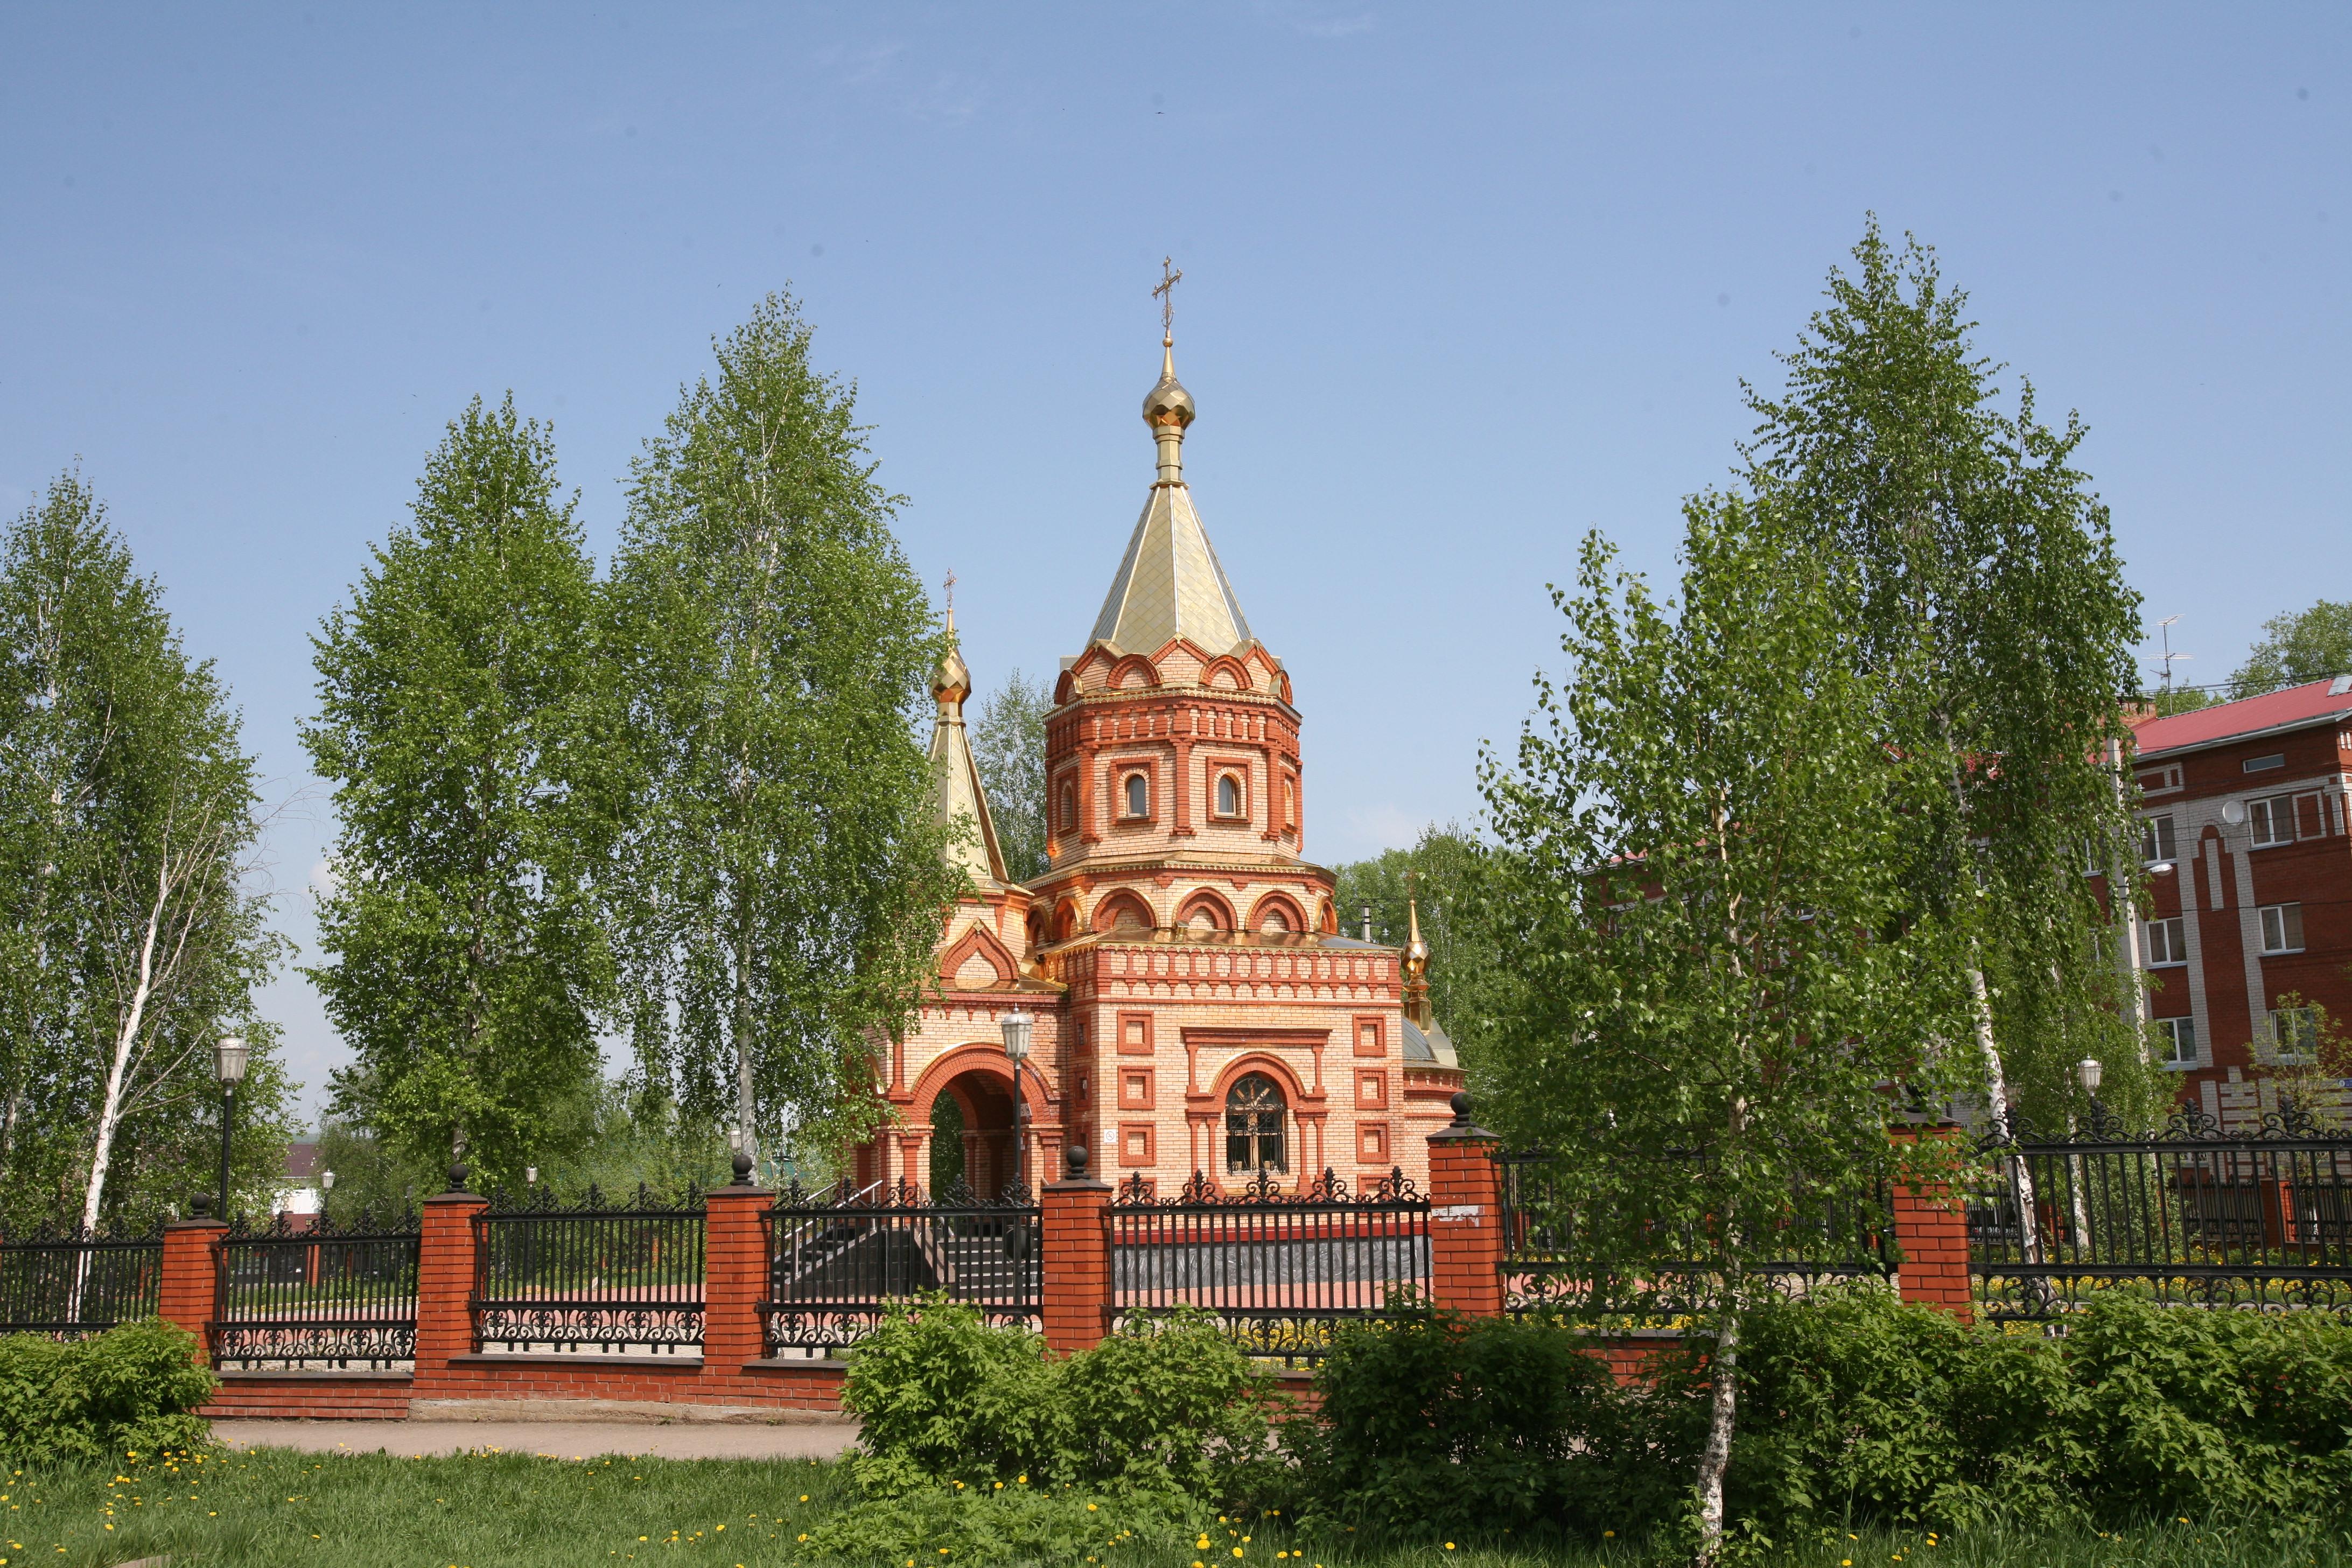 Шатура, Альметьевск - телефон, адрес, время работы.